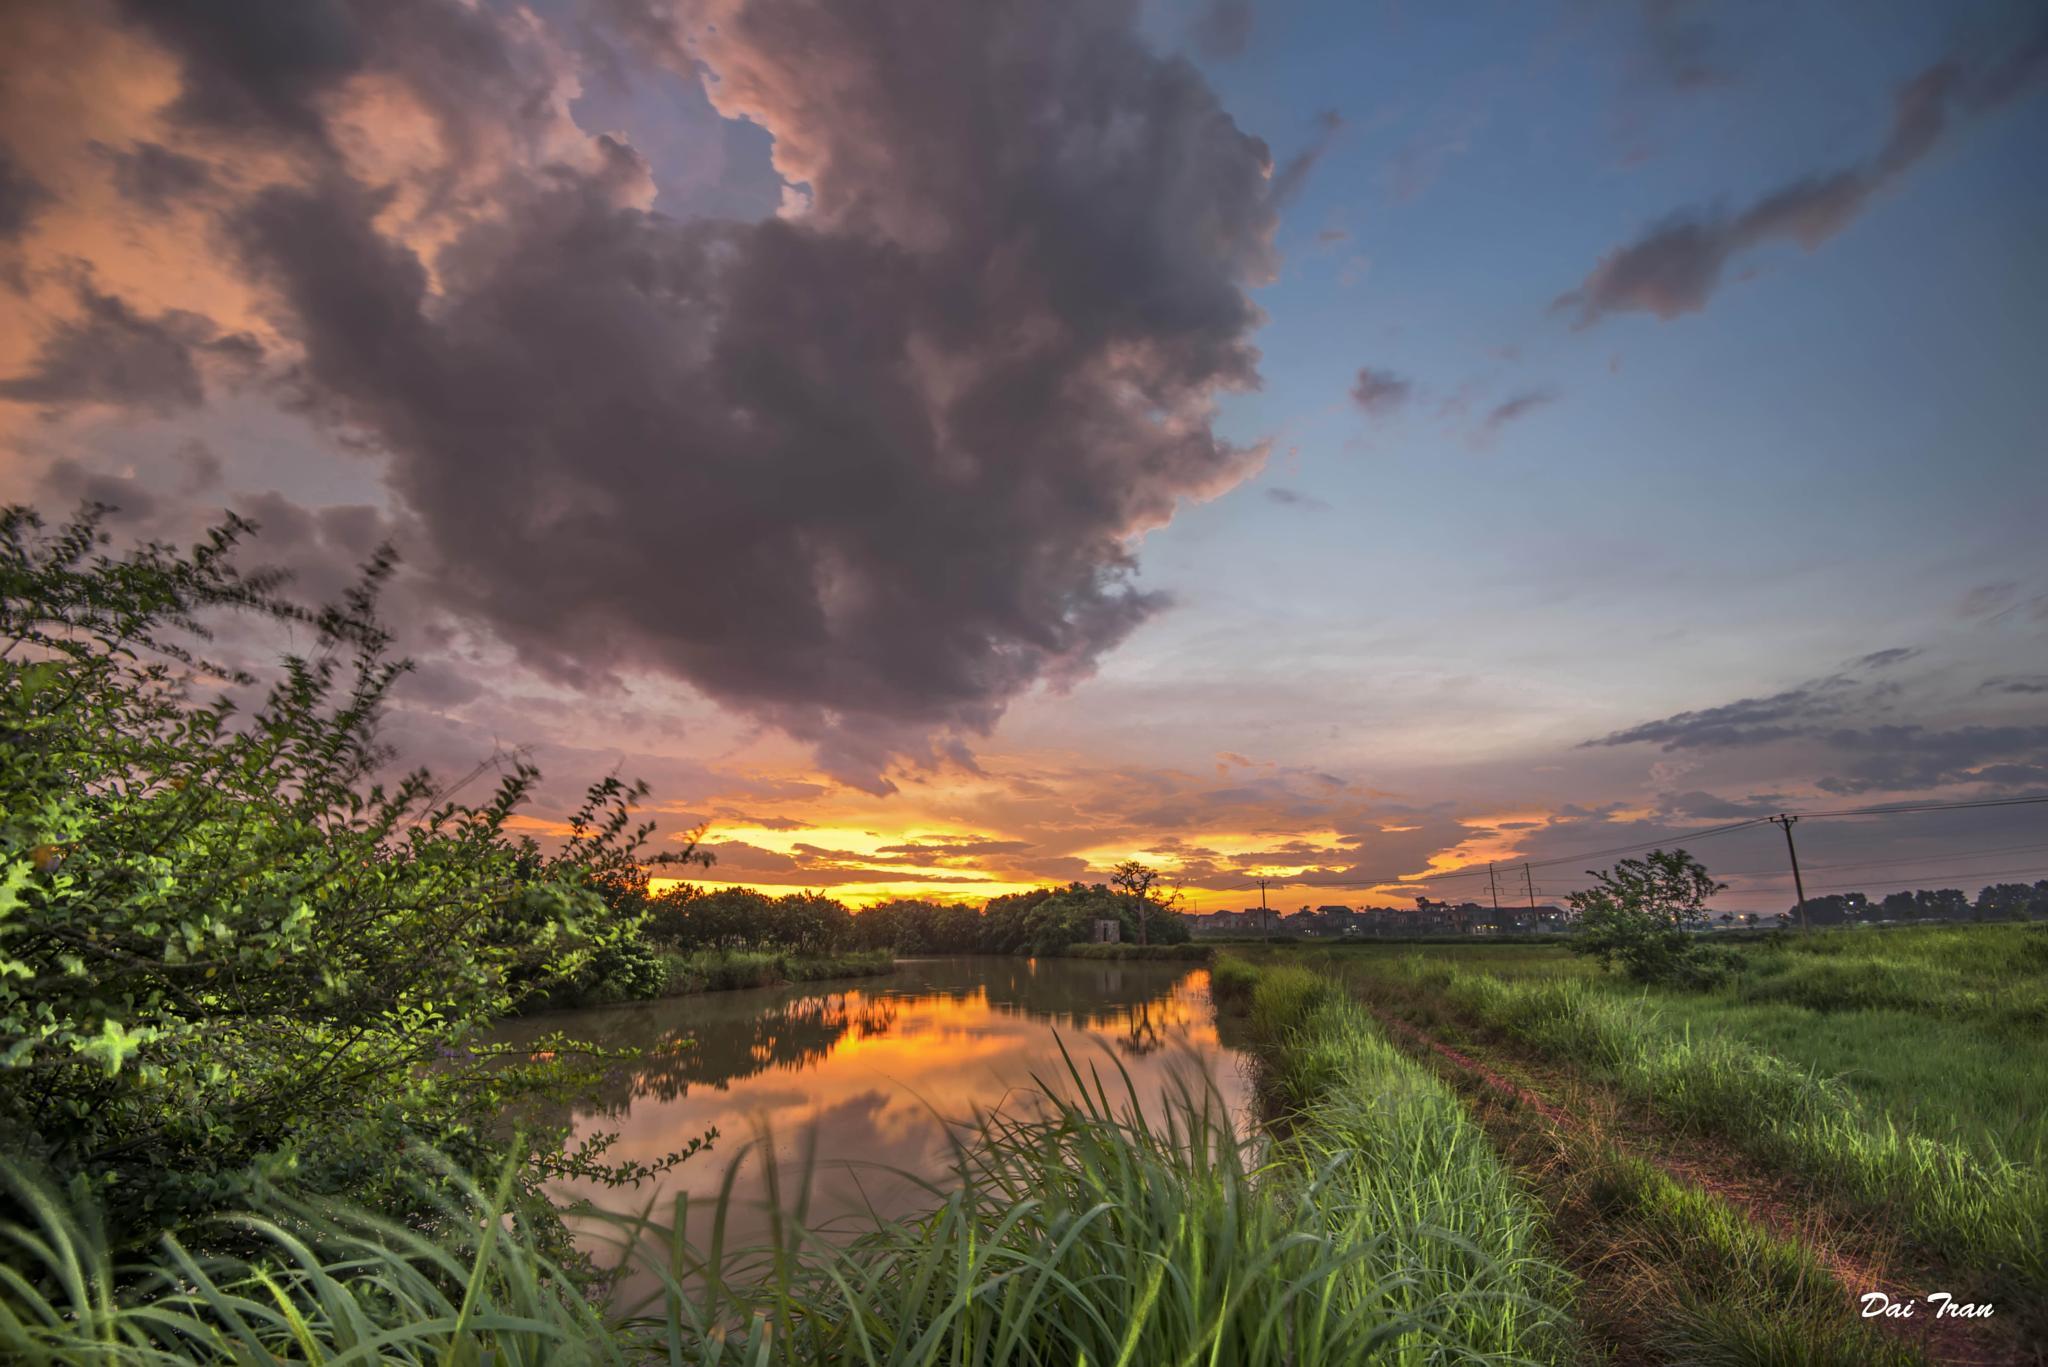 Sunset by Dai Tran